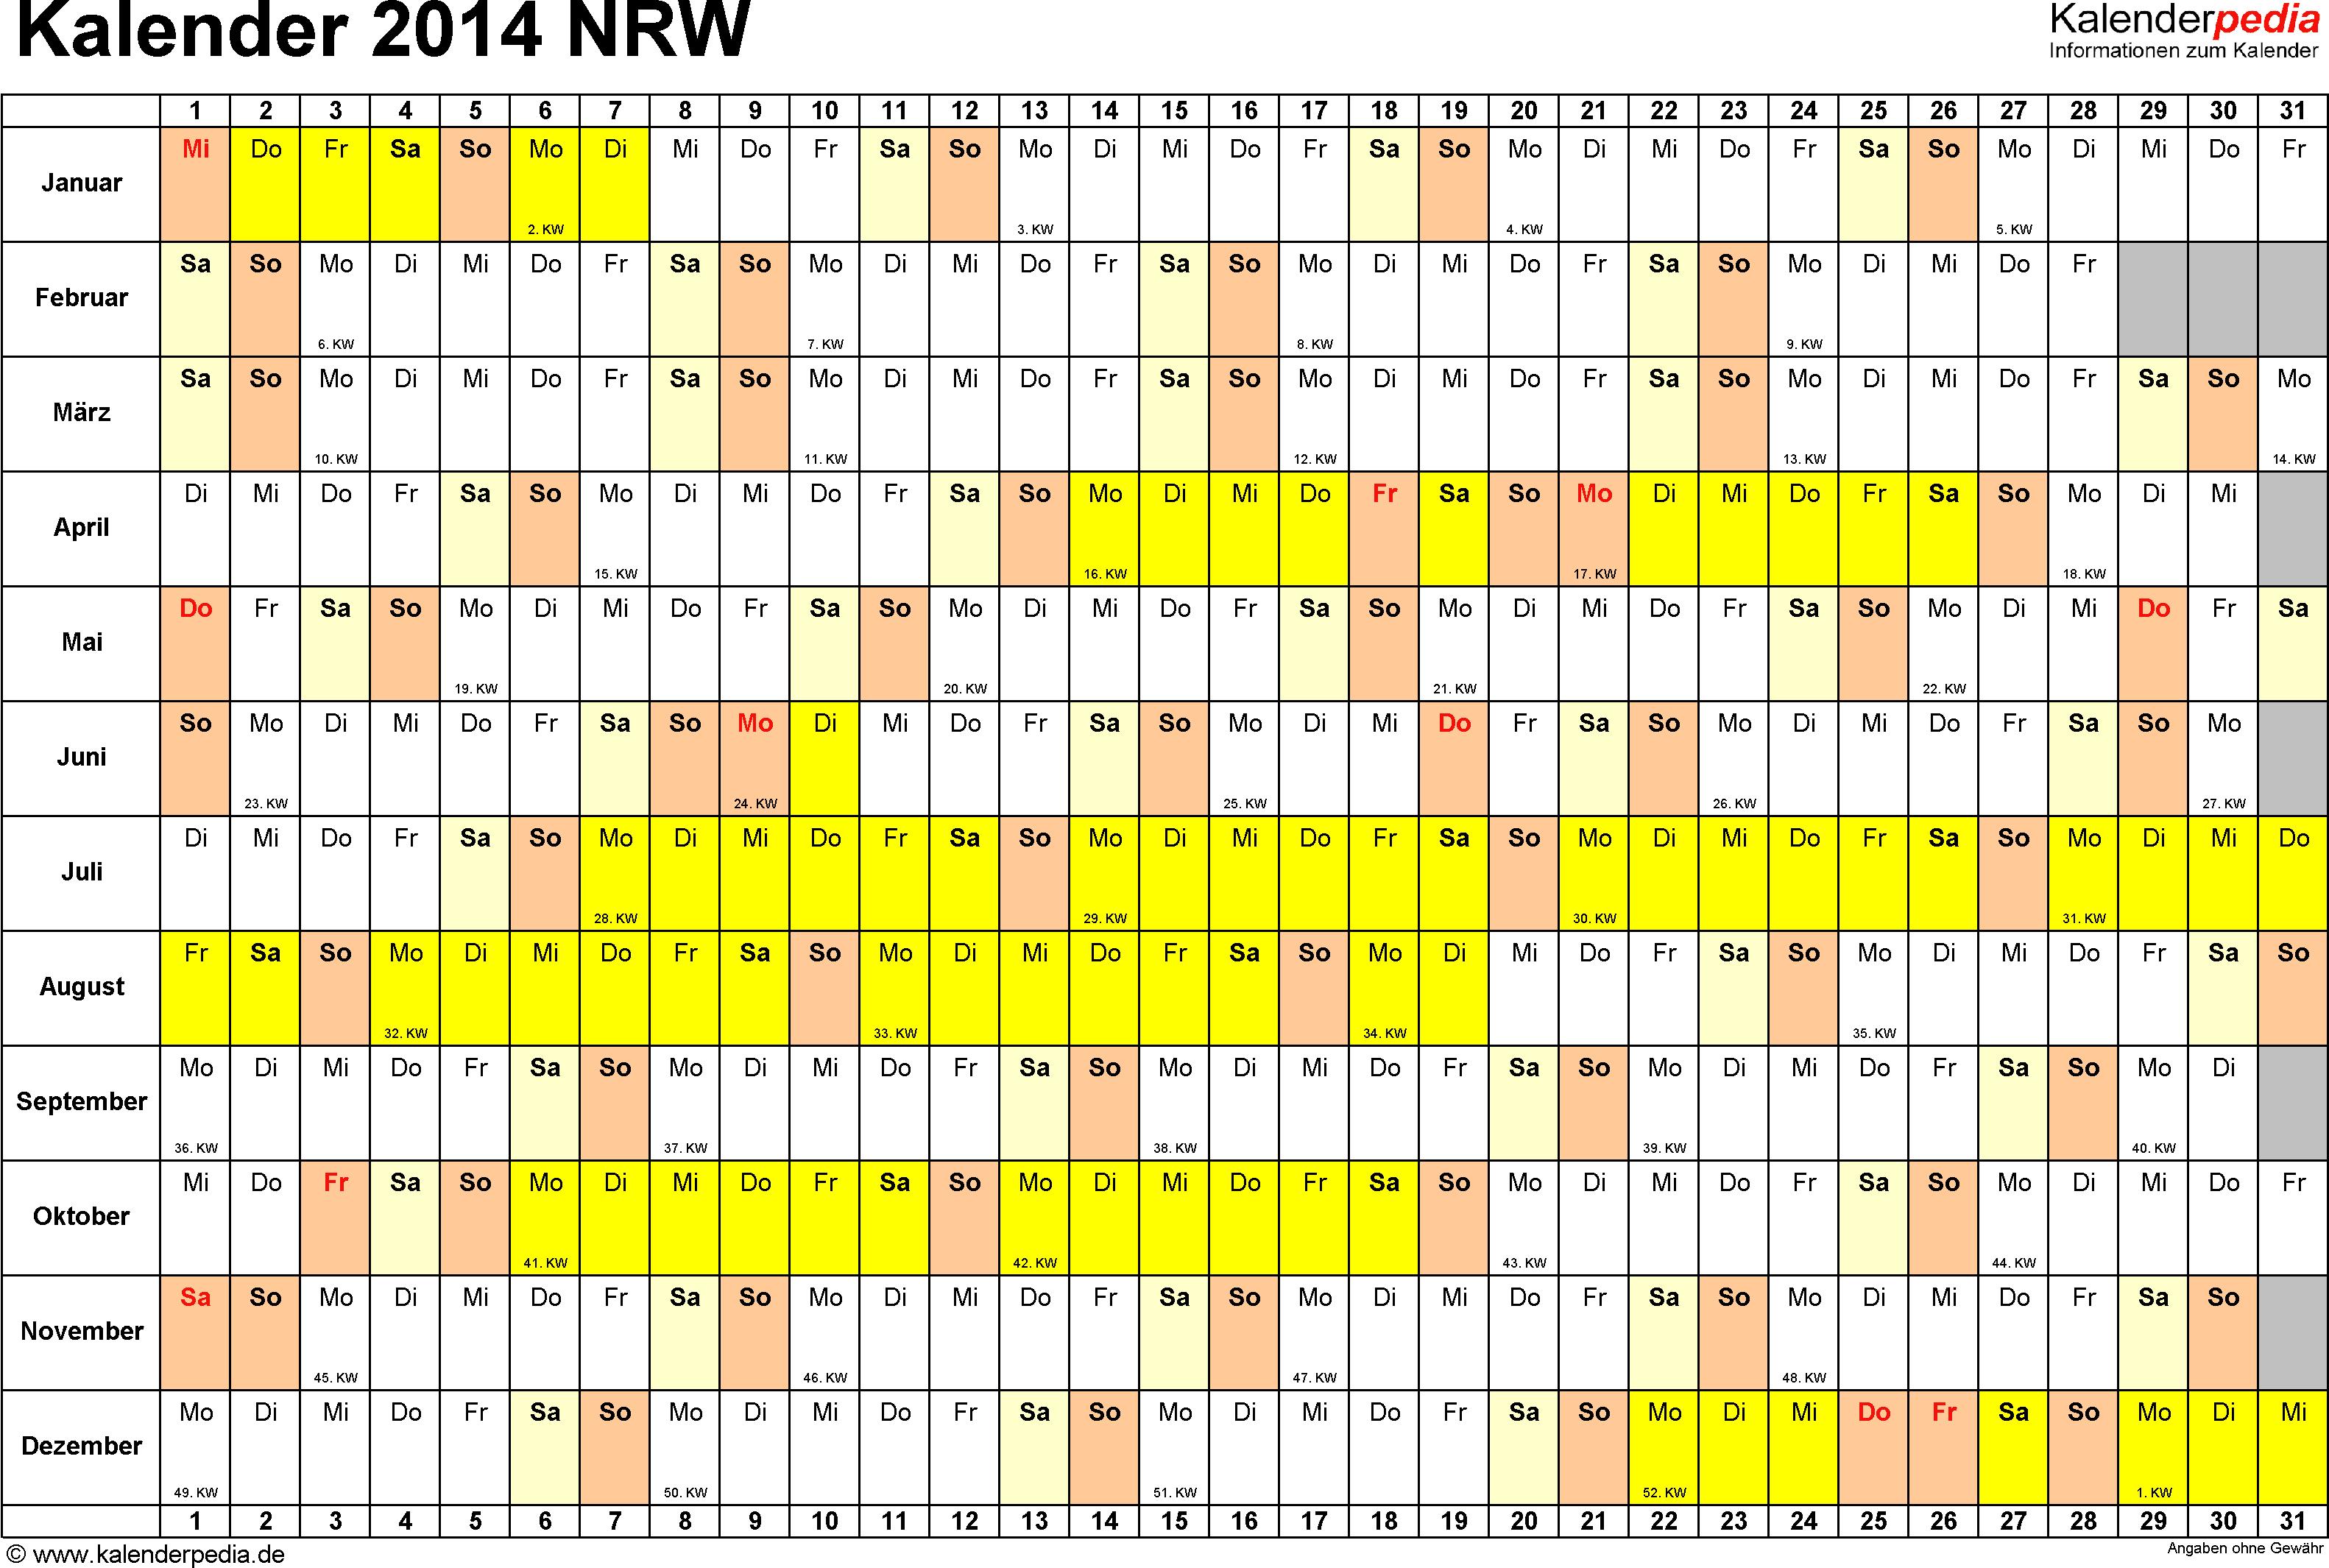 Vorlage 3: Kalender Nordrhein-Westfalen (NRW) 2014 im Querformat, Tage nebeneinander